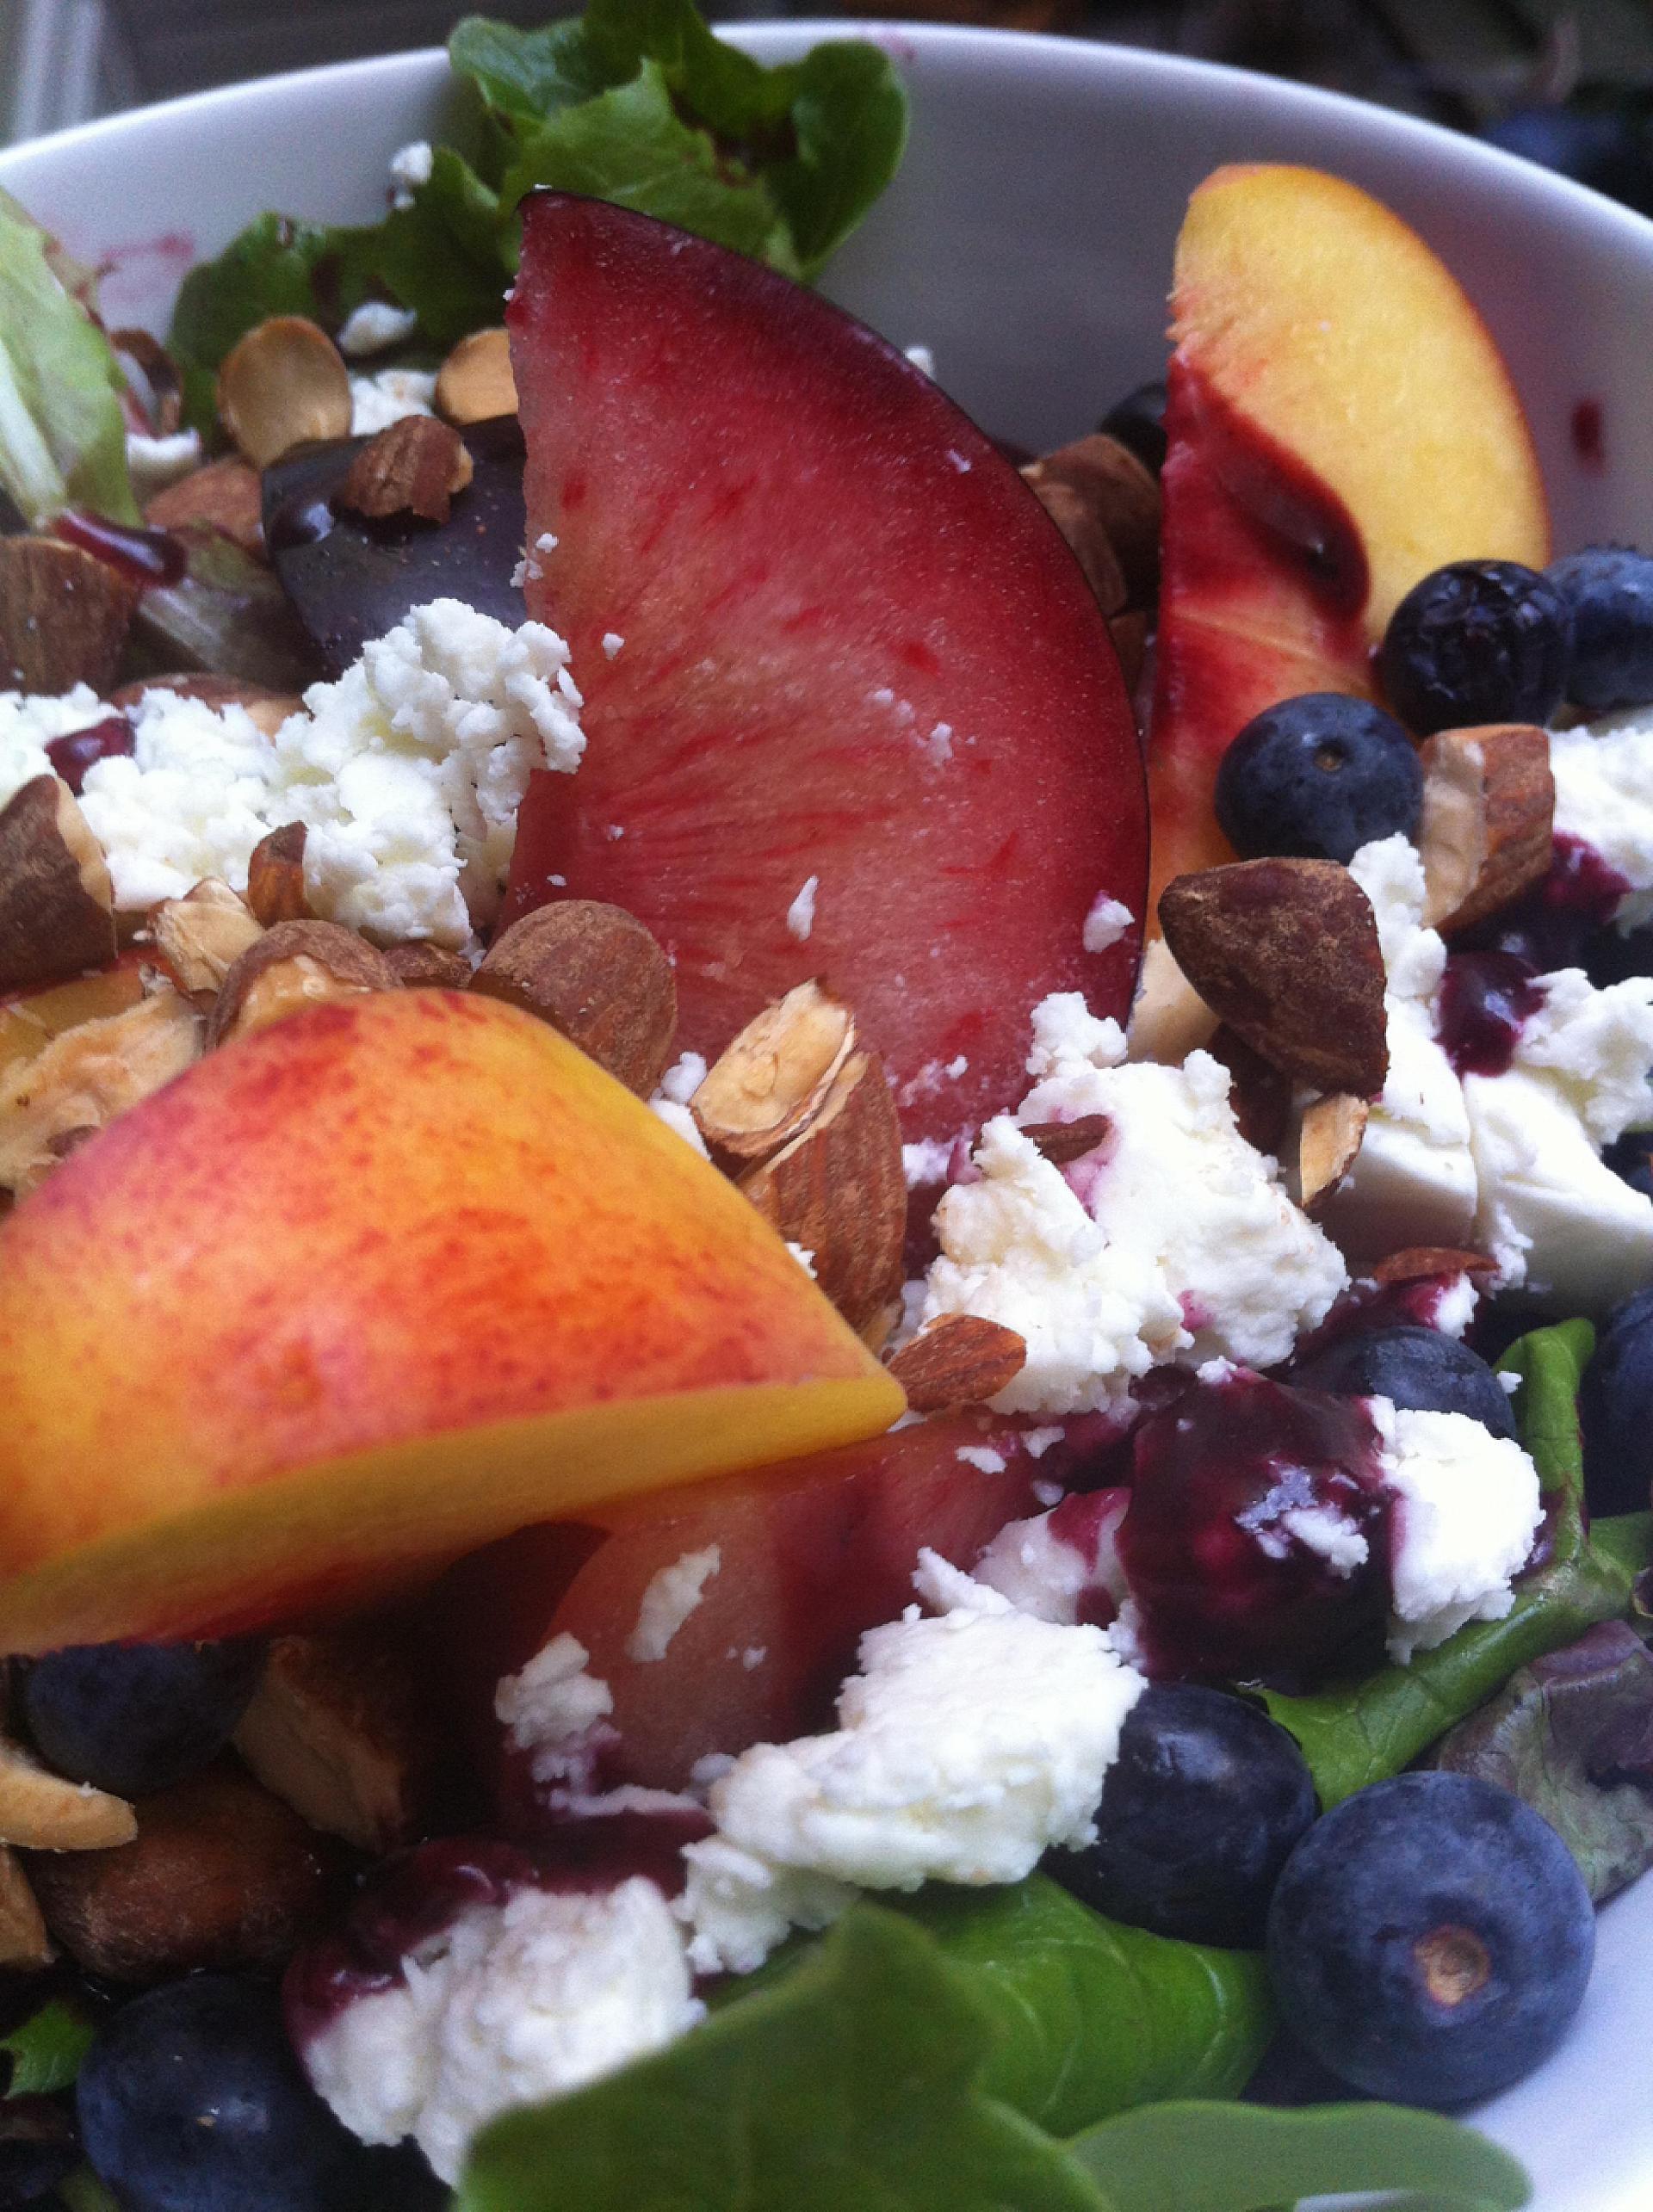 Okanagan Fruit salad